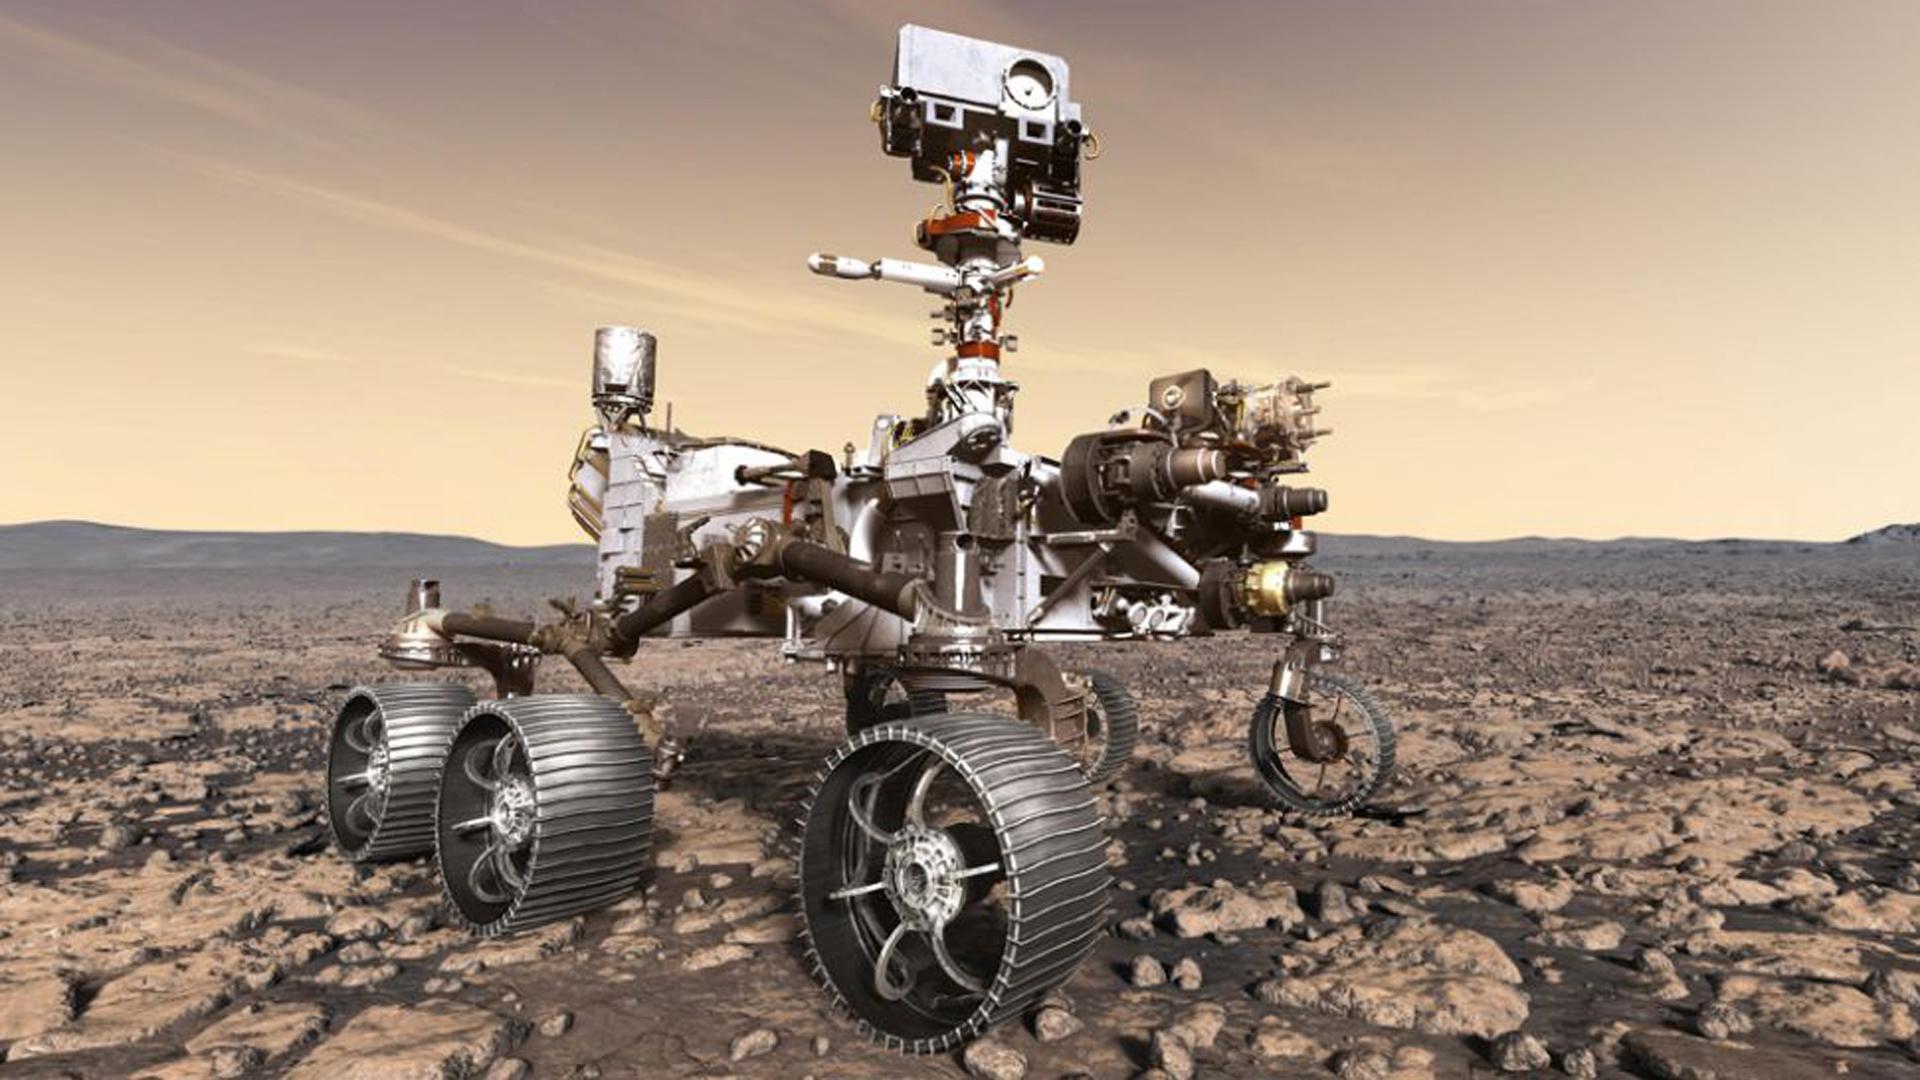 Mars 2020 es un robot muy parecido a Curiosity